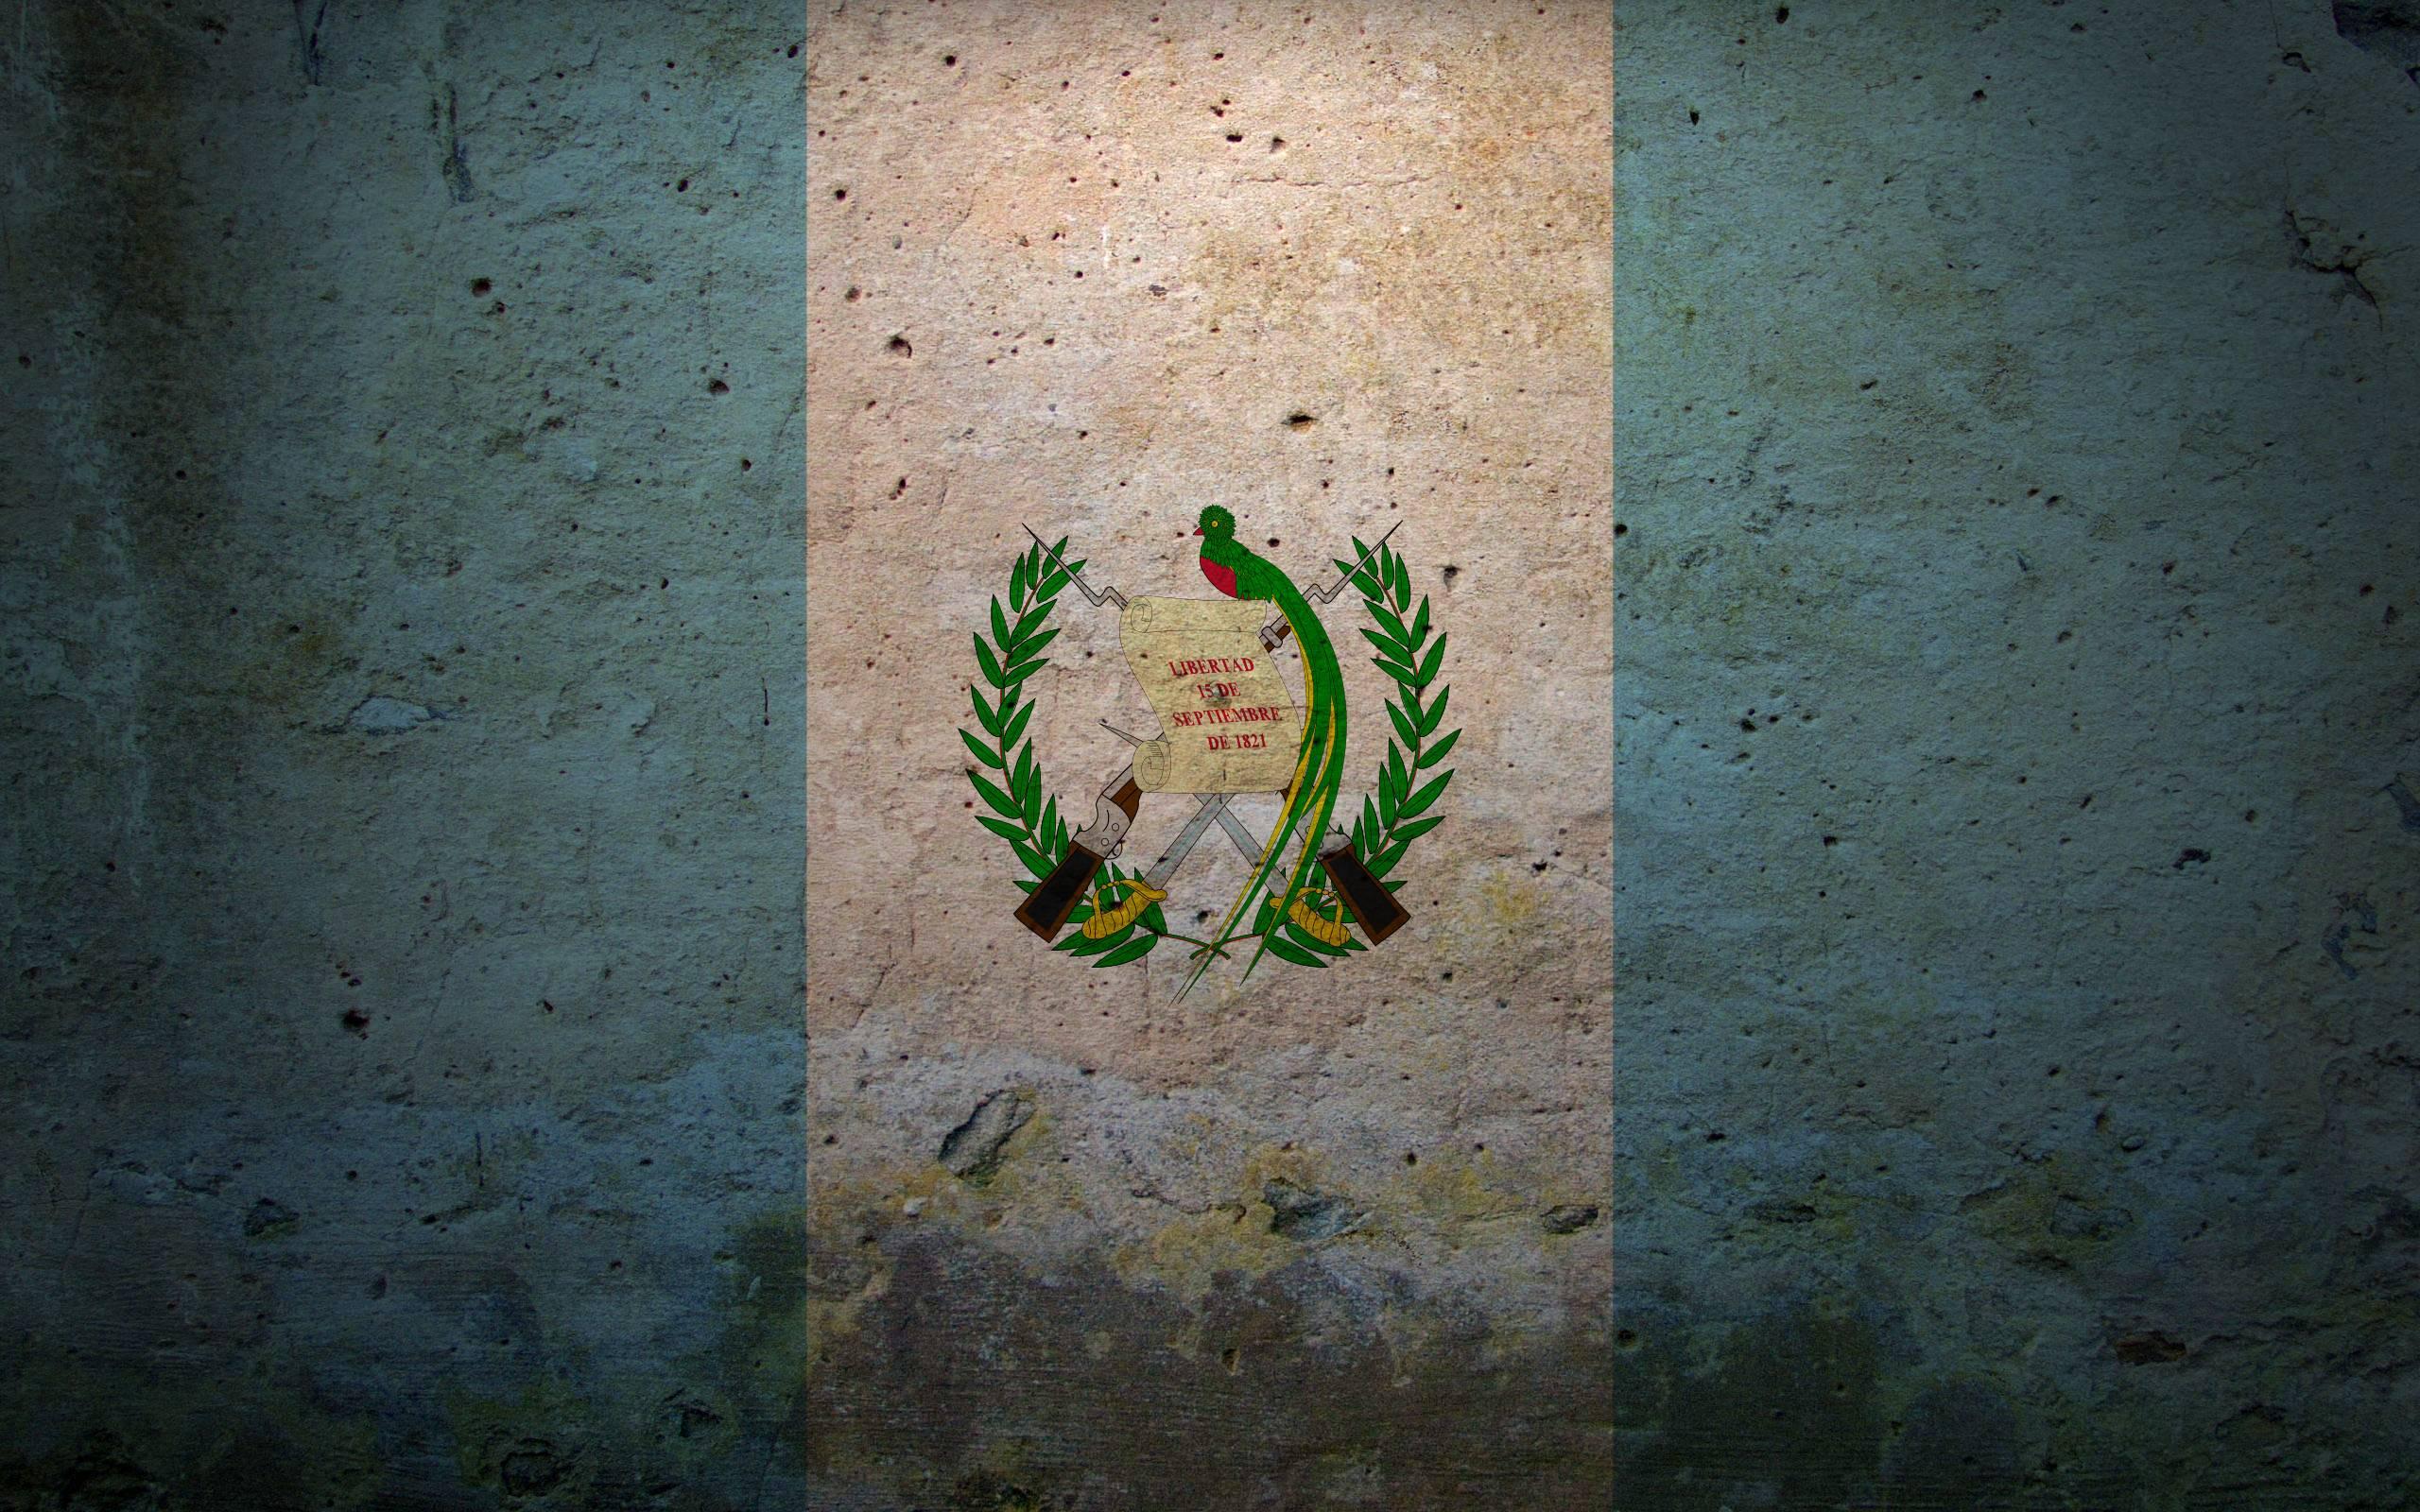 guatemala wallpapers wallpapersafari - photo #40